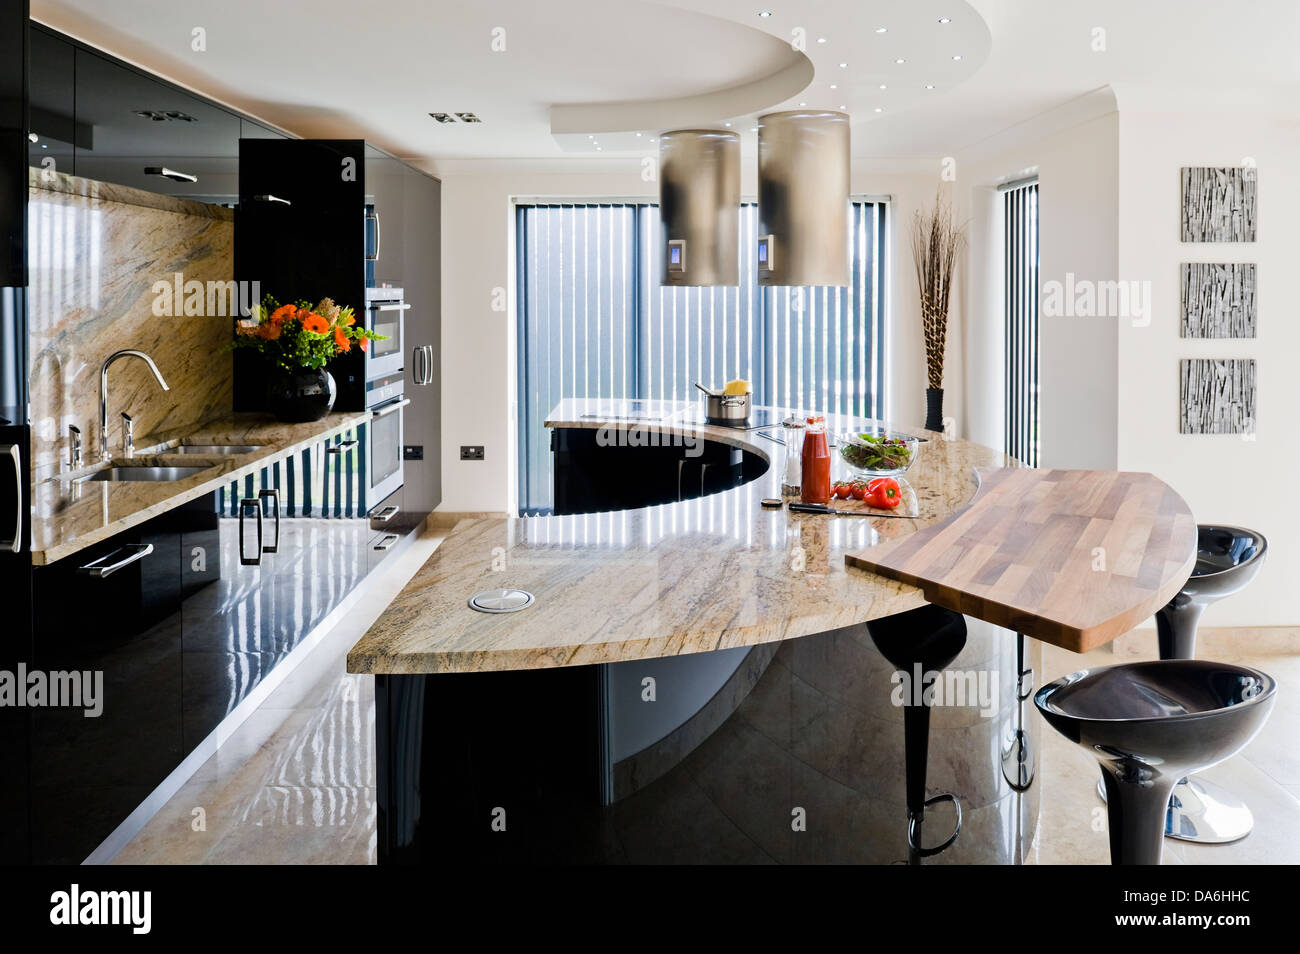 frühstücks-bar auf gekrümmten zentraleinheit mit marmor